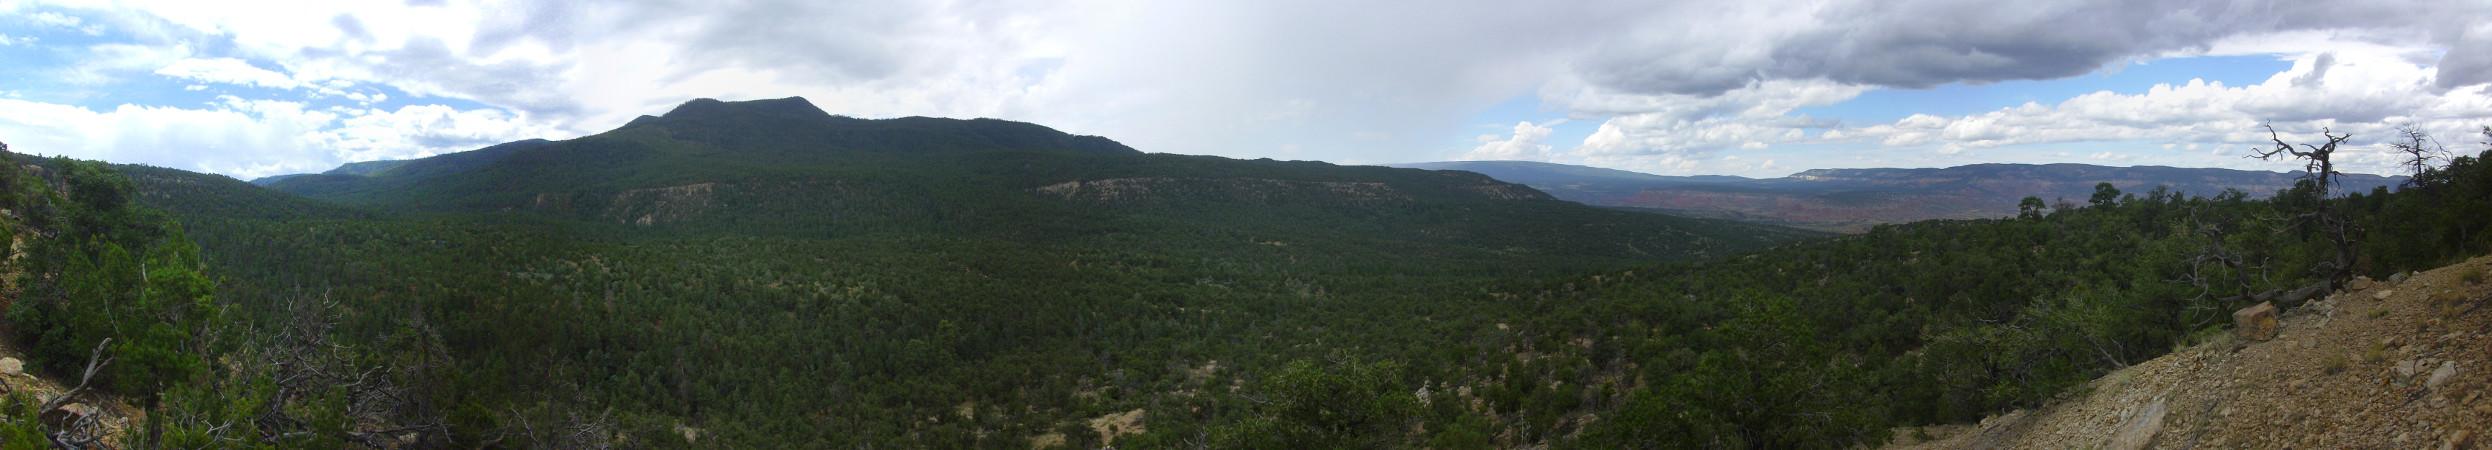 Cretaceous panorama